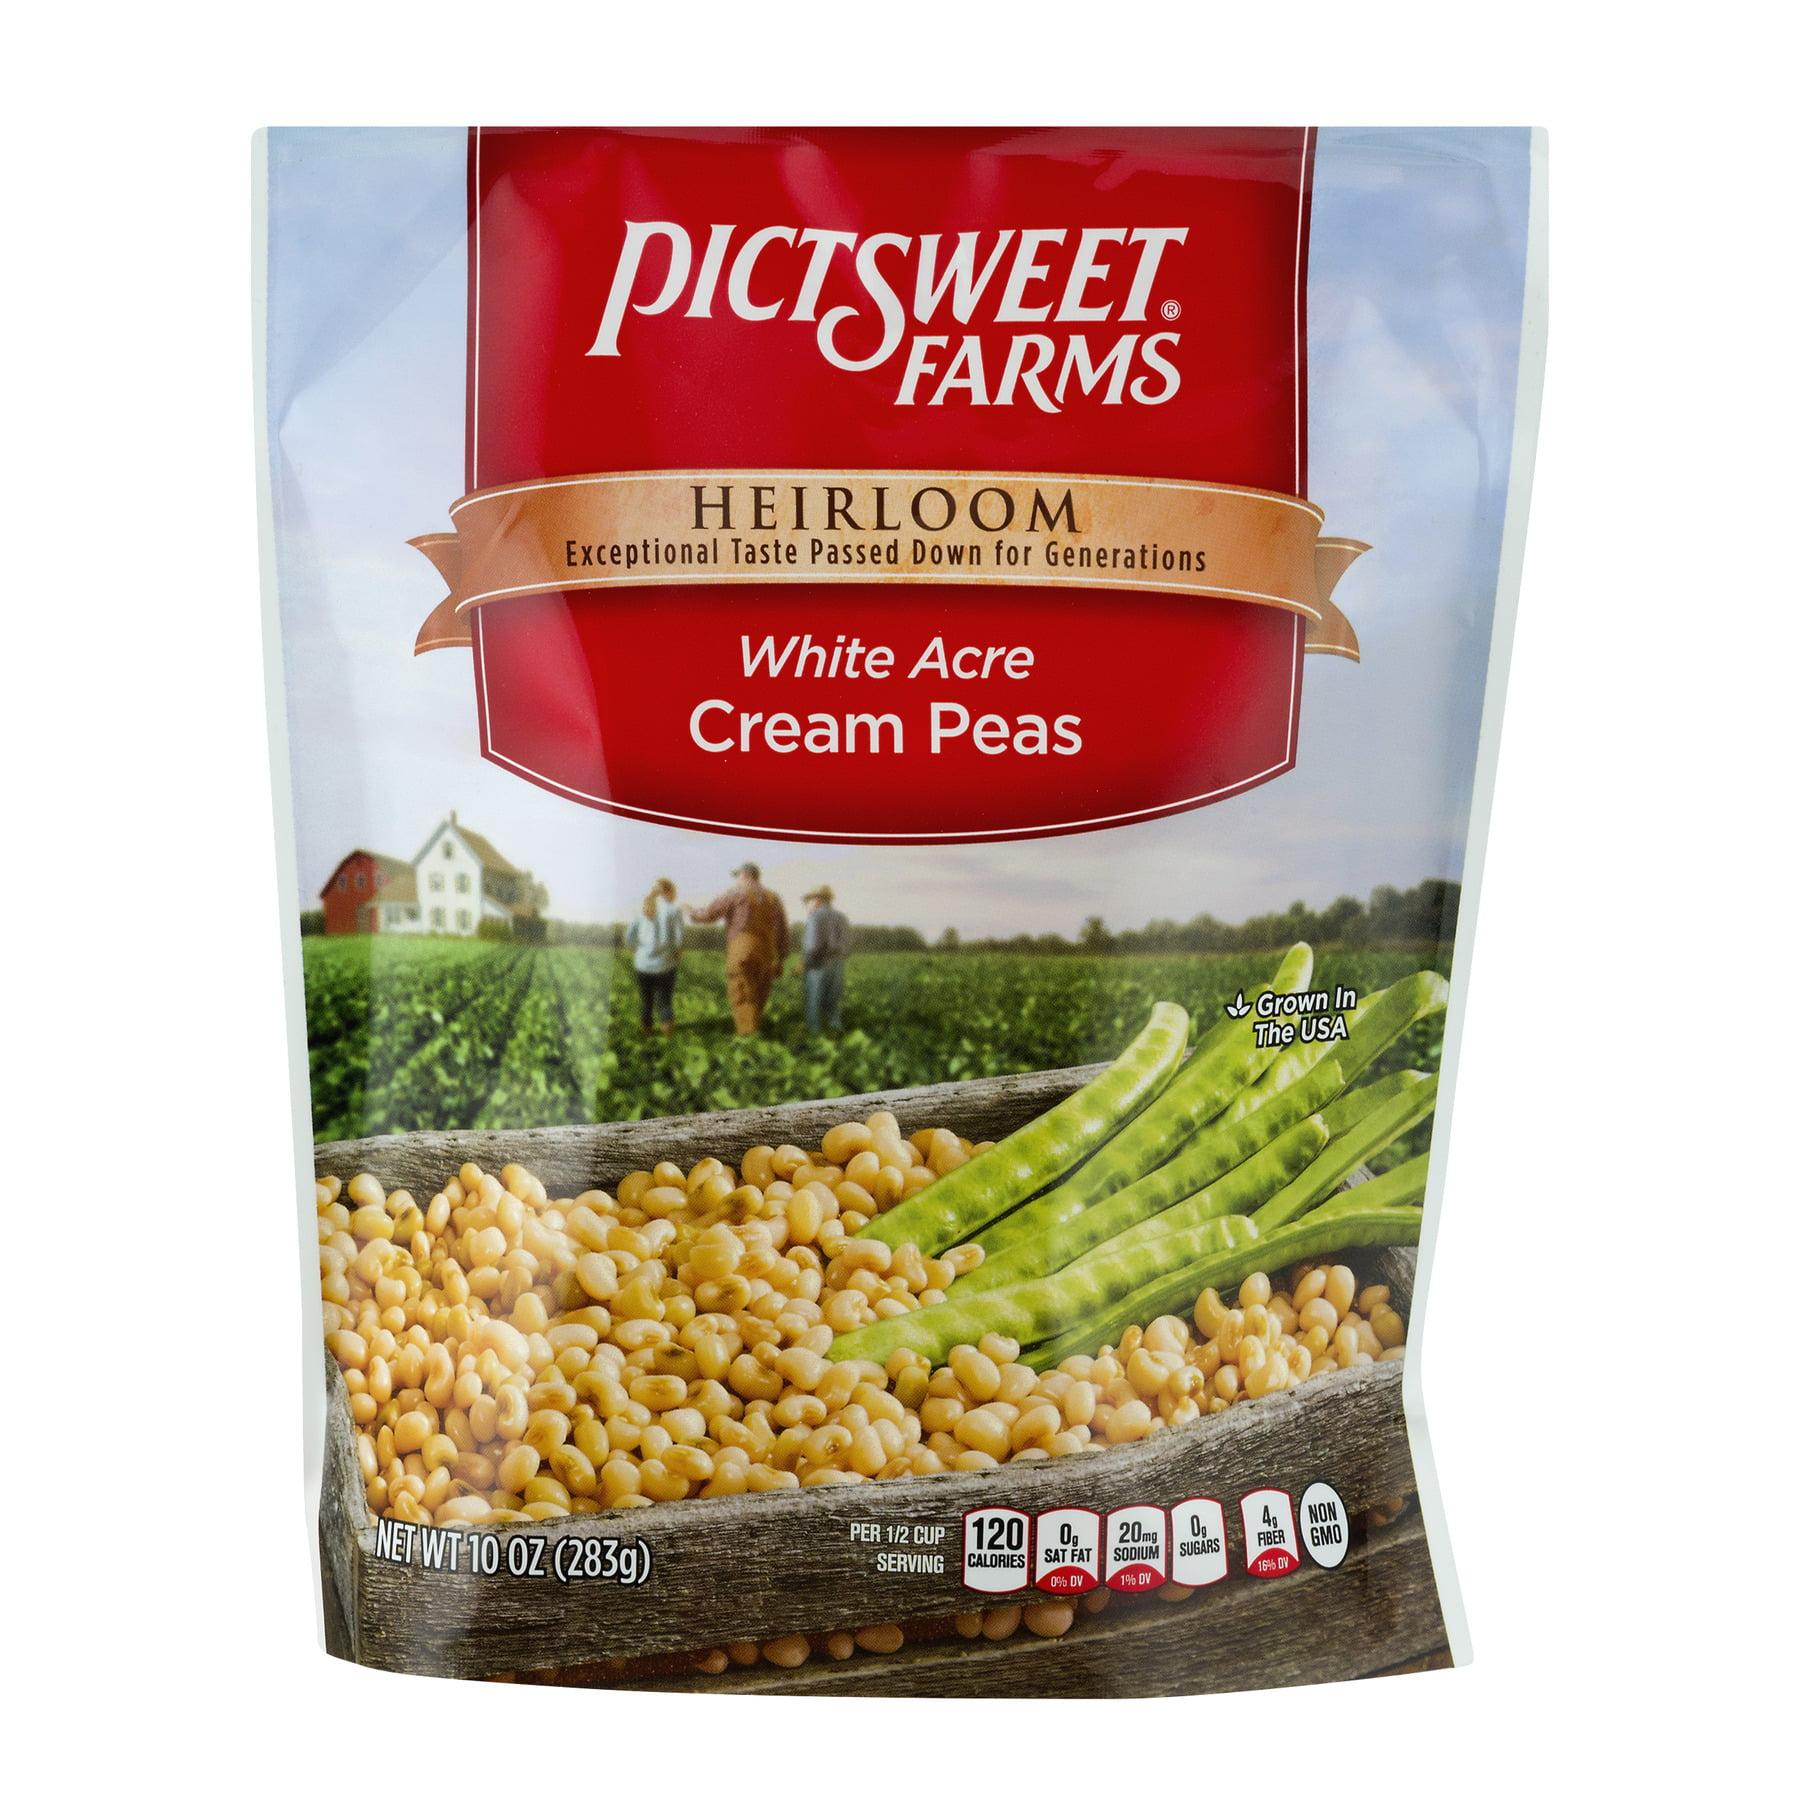 Pictsweet White Acre Cream Peas